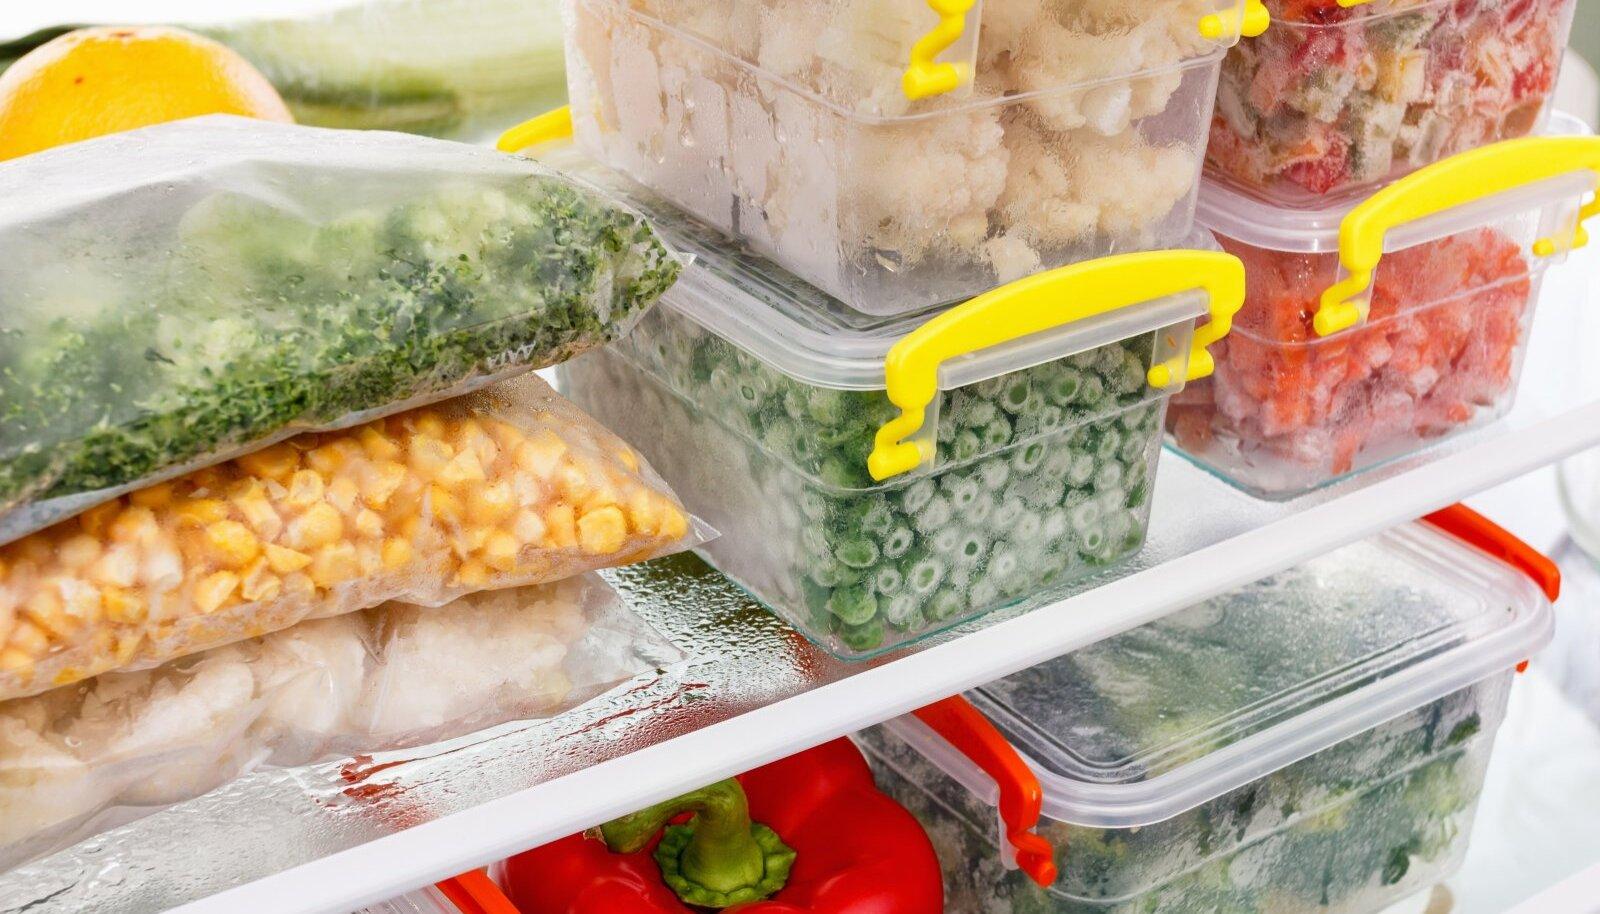 Kõik aiasaadused on soovitatav pakendada õhukindlasse karpi või vastupidavasse külmutuskotti.